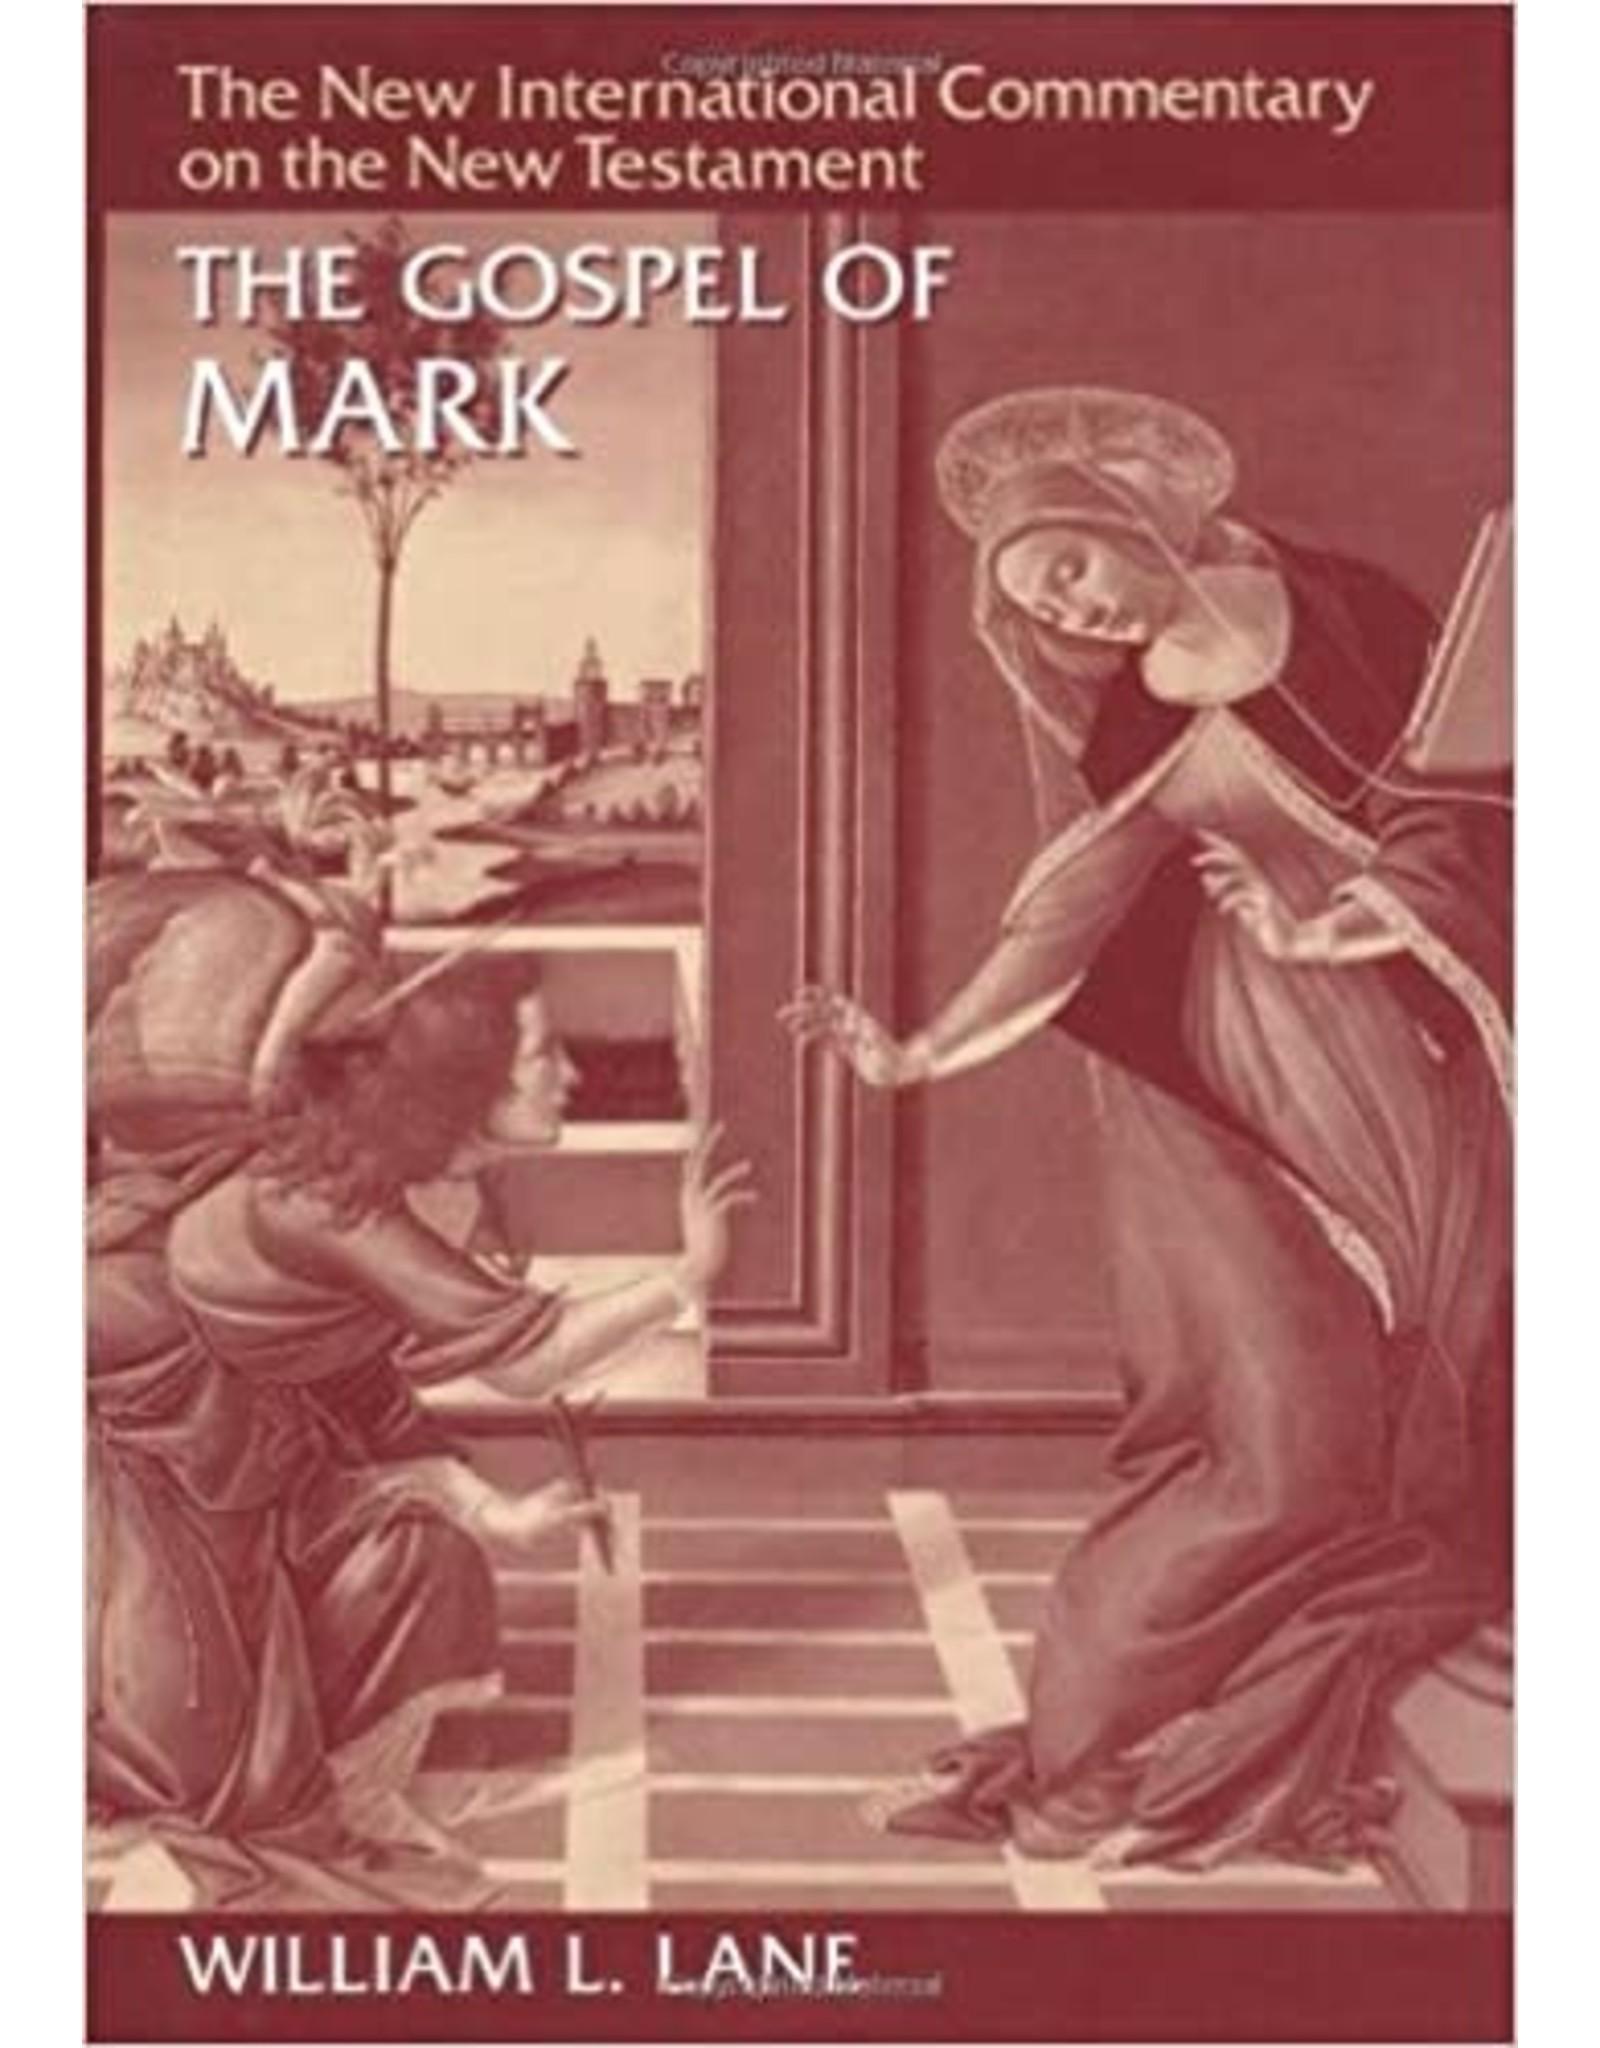 Lane New International Commentary - The Gospel of Mark